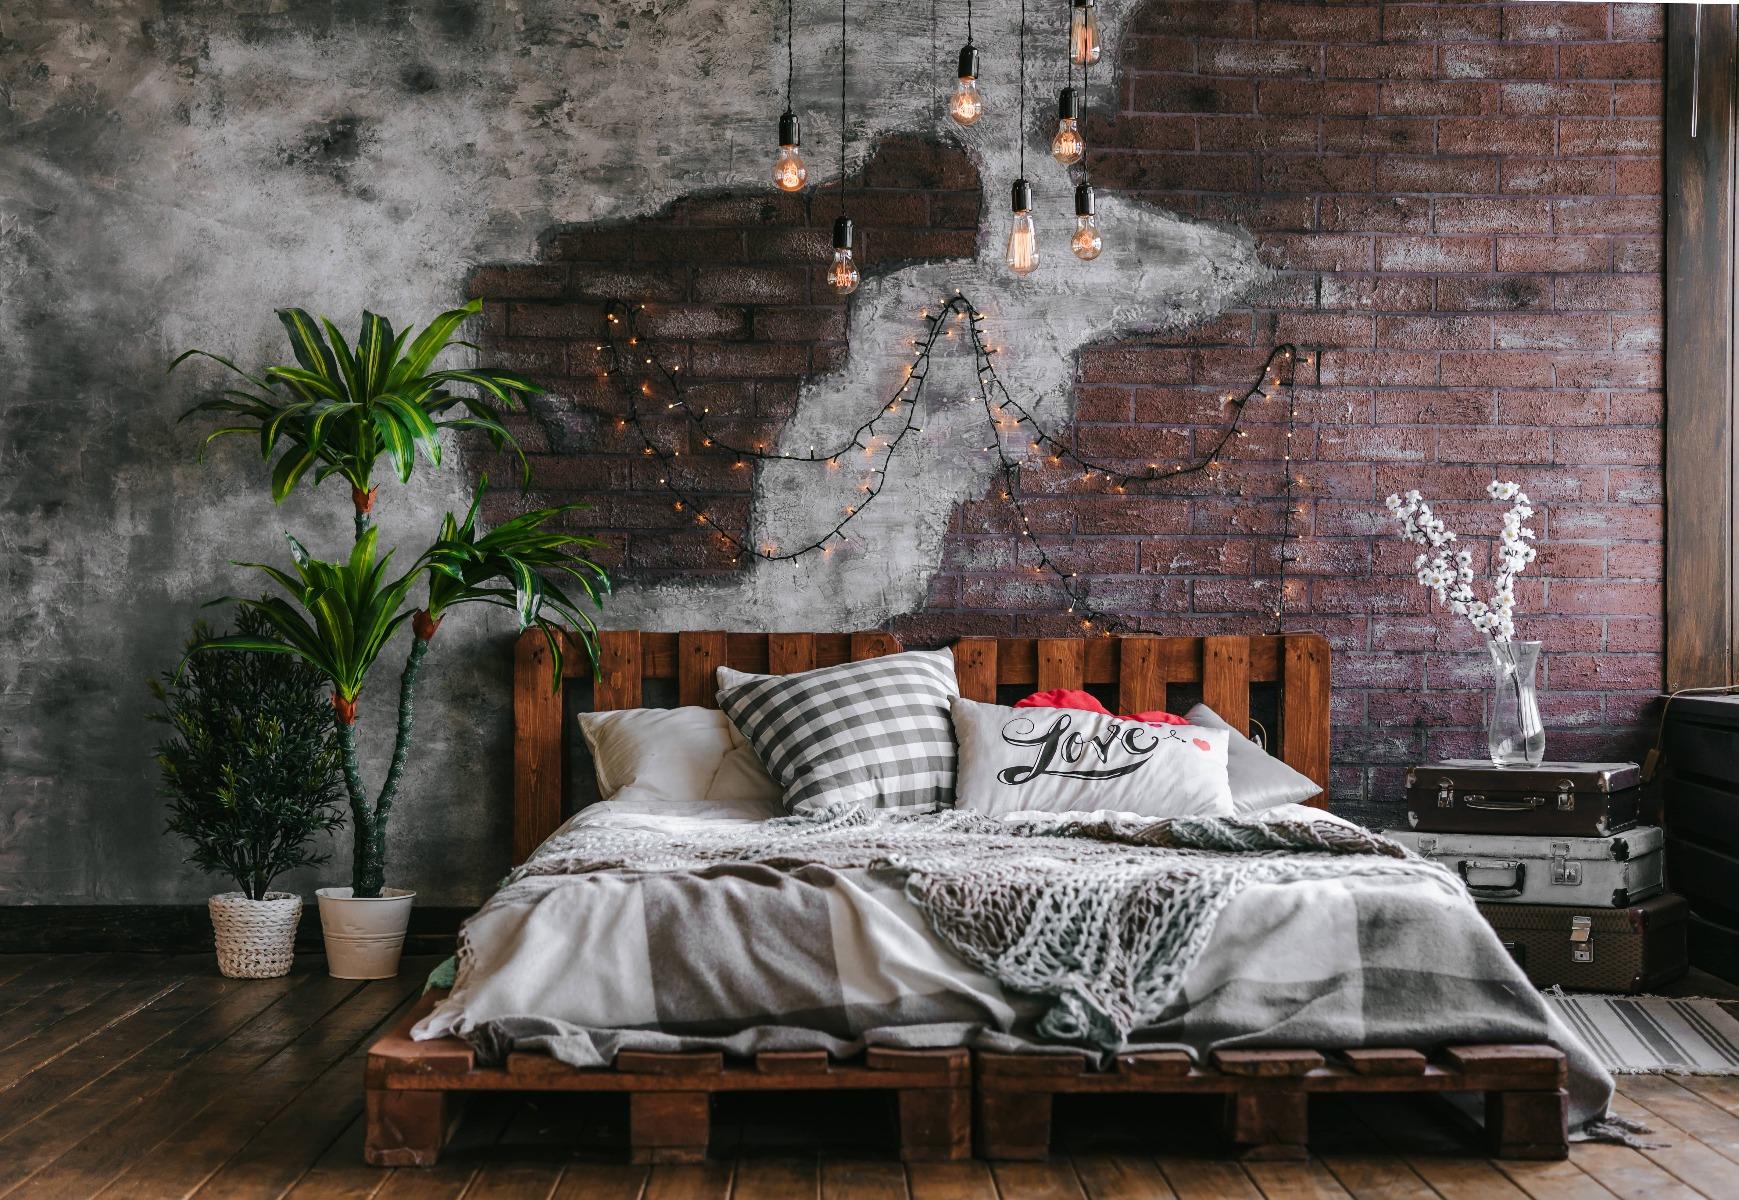 Das Bild zeigt ein Palettenbett im Industrial Style.